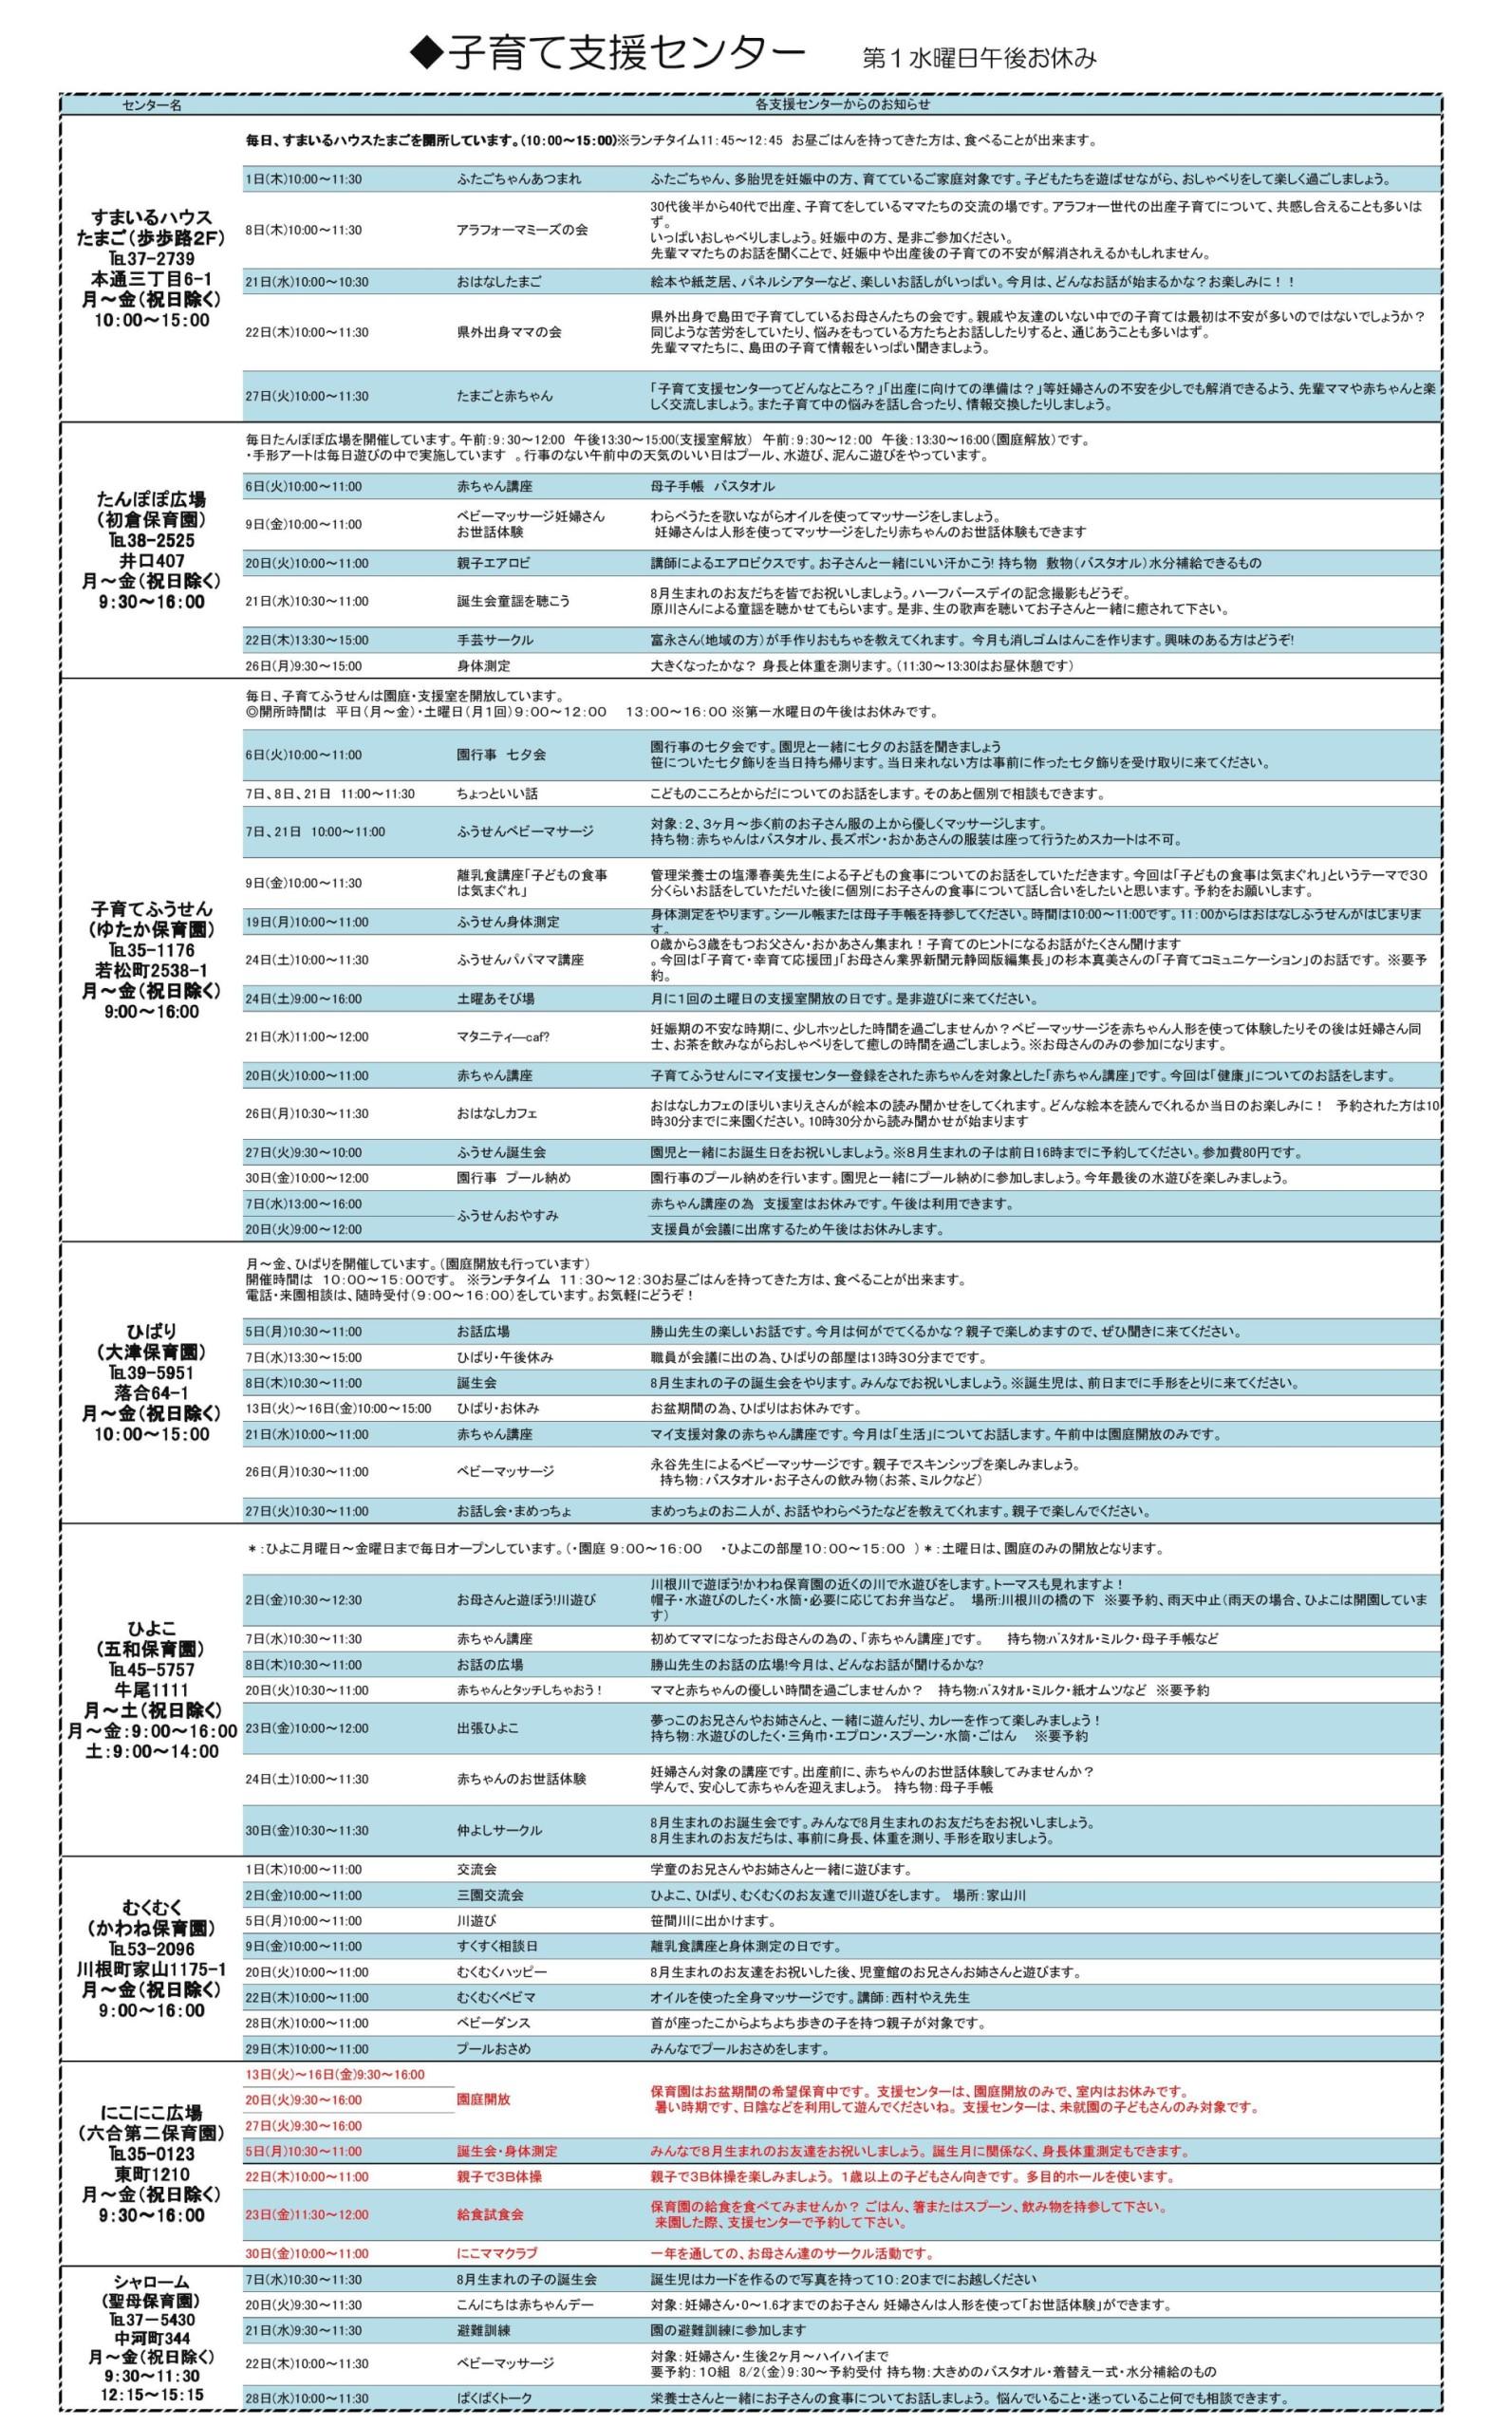 令和元年8月子育てカレンダー-02 (1)